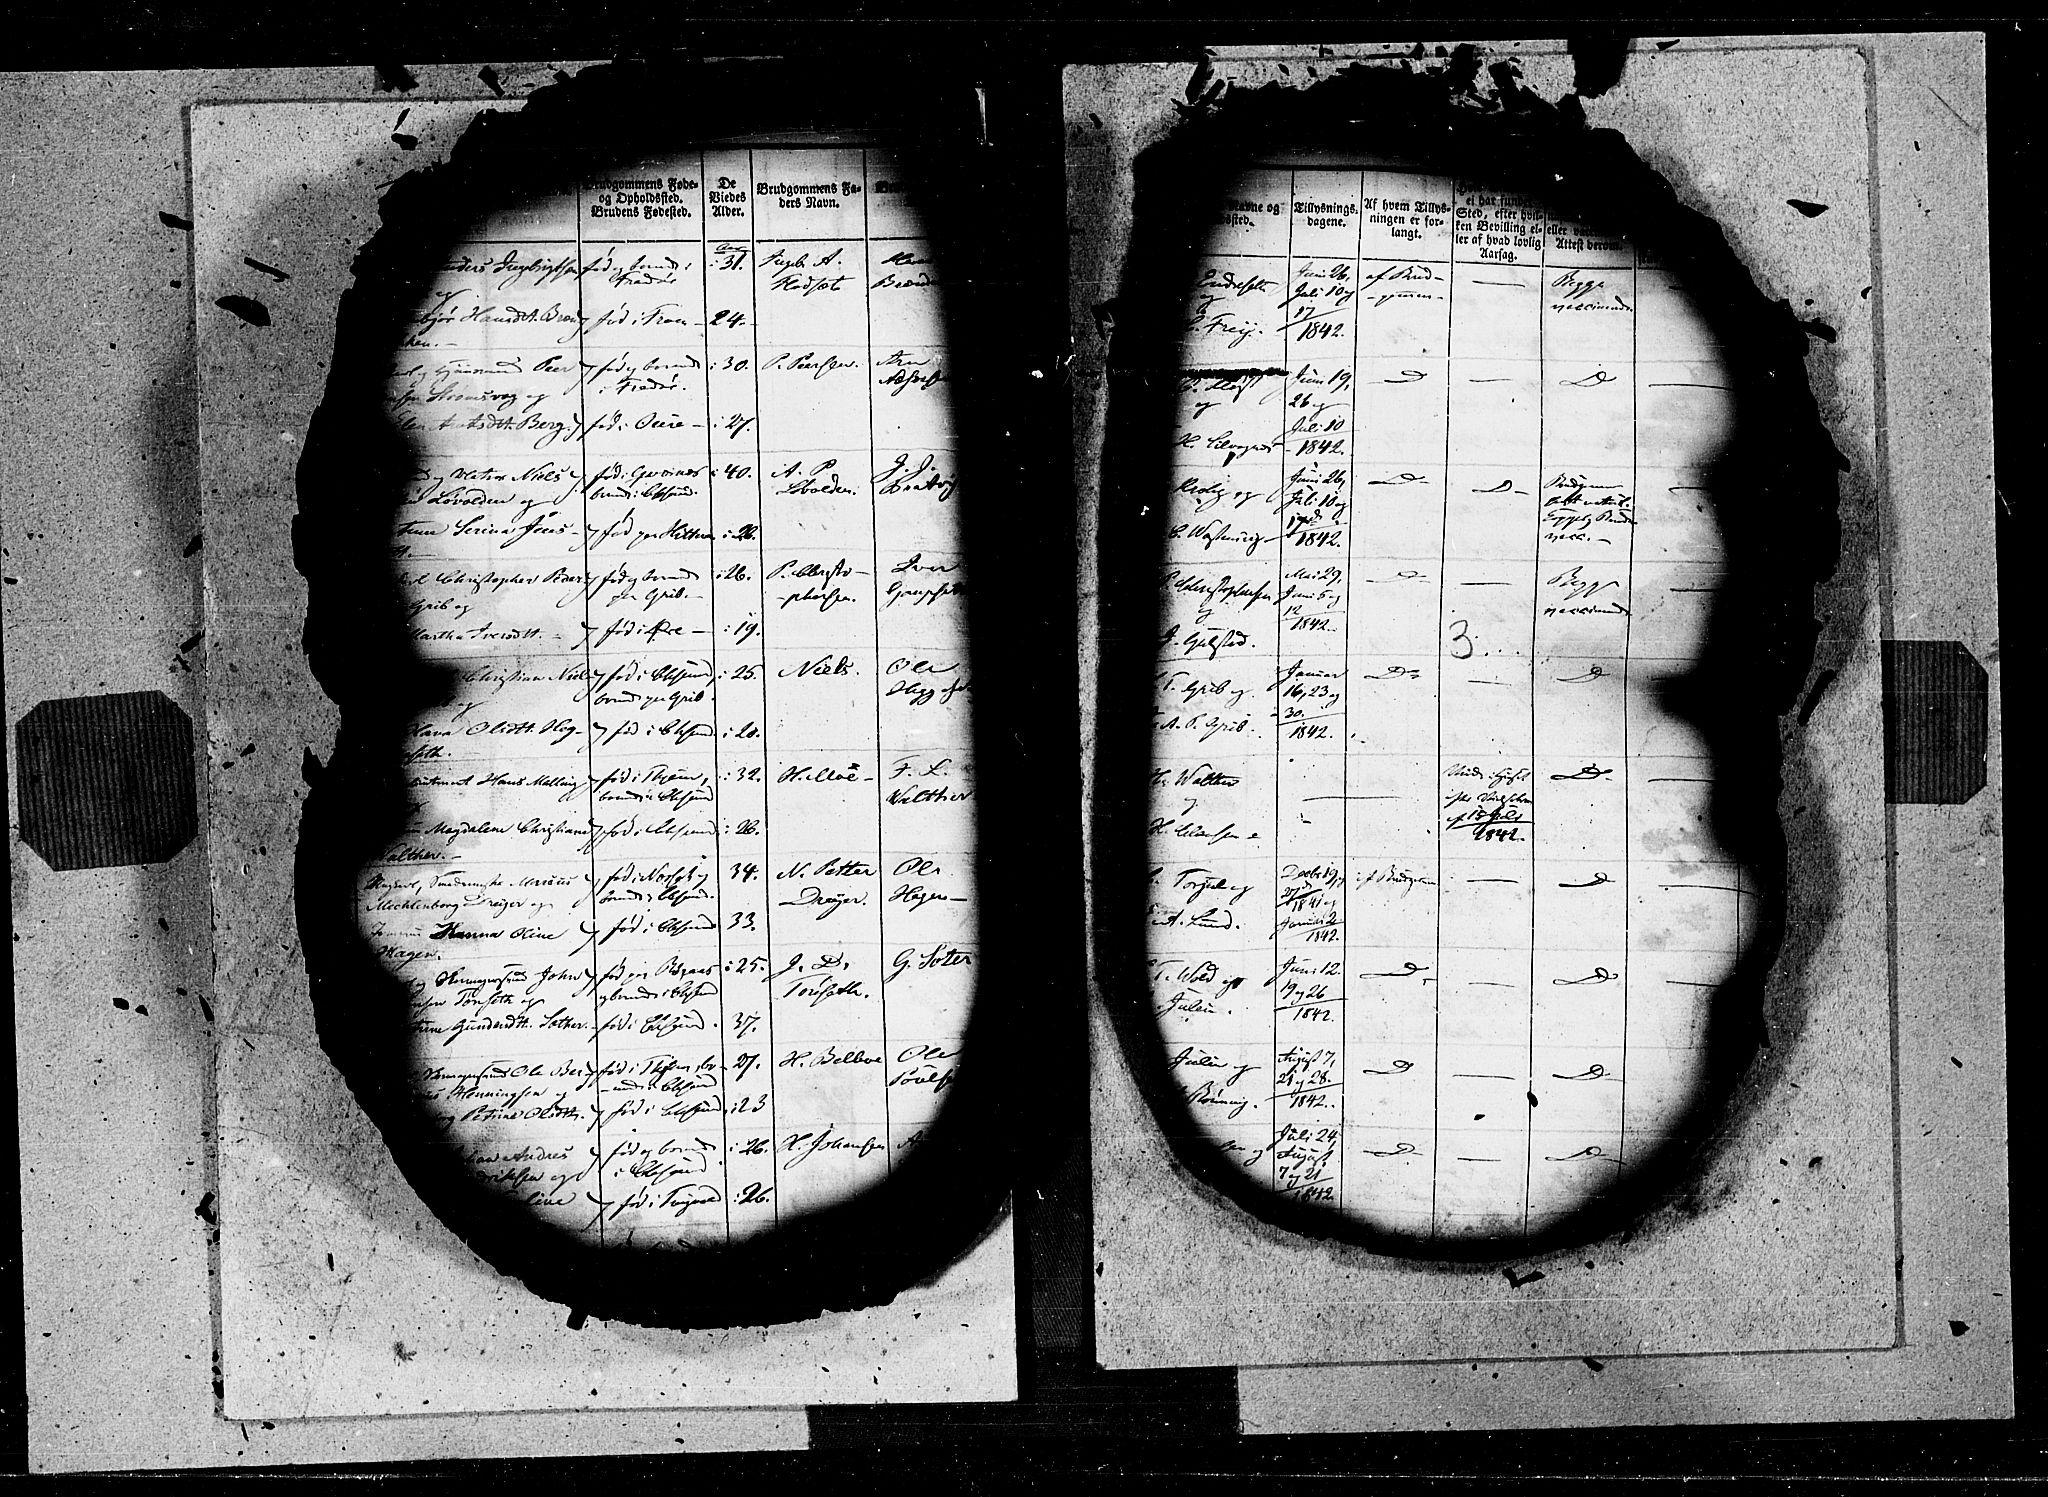 SAT, Ministerialprotokoller, klokkerbøker og fødselsregistre - Møre og Romsdal, 572/L0844: Ministerialbok nr. 572A07, 1842-1855, s. 3